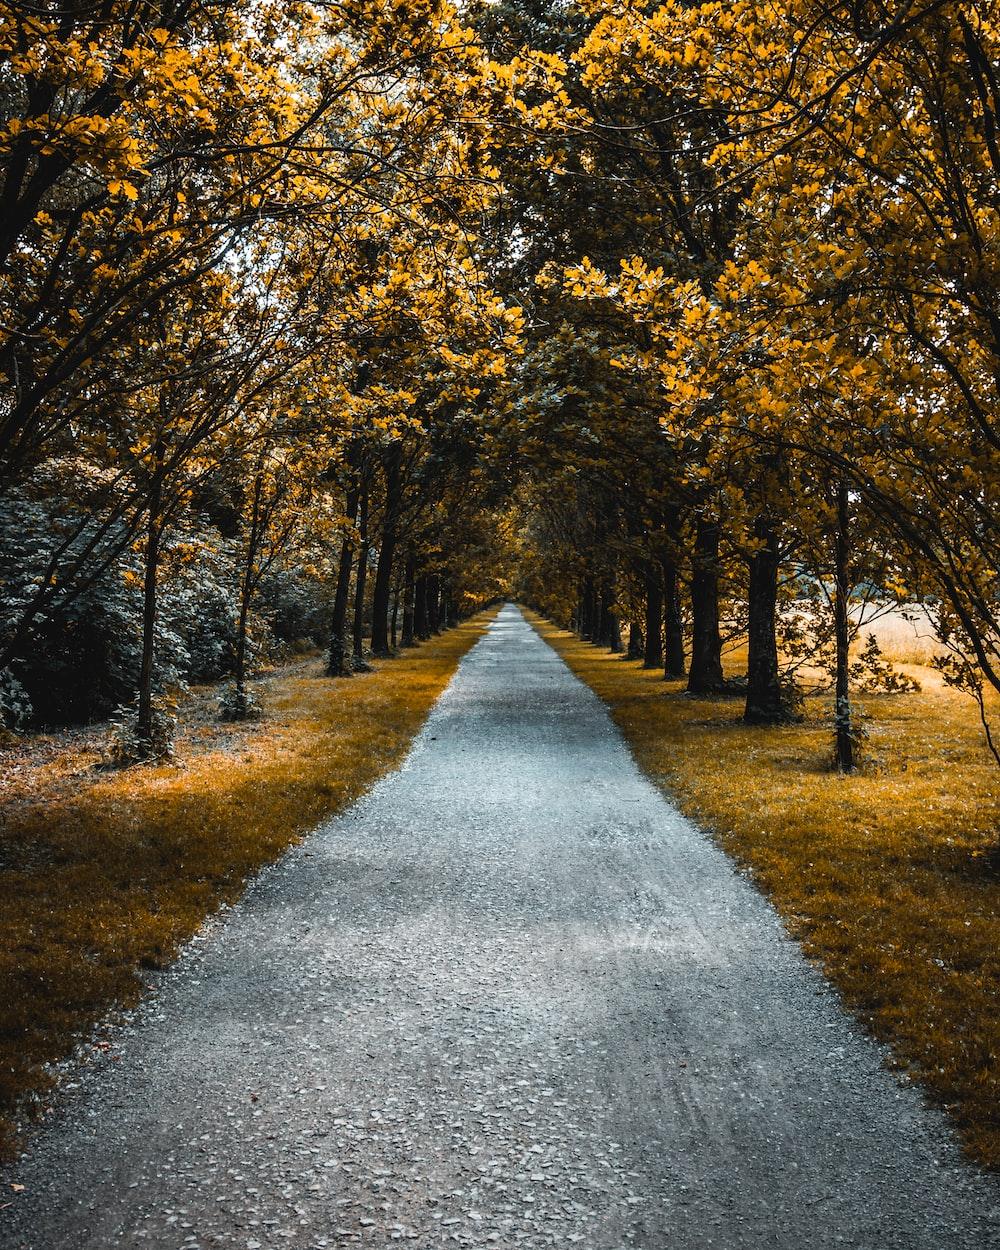 pathway between of brown leafed trees